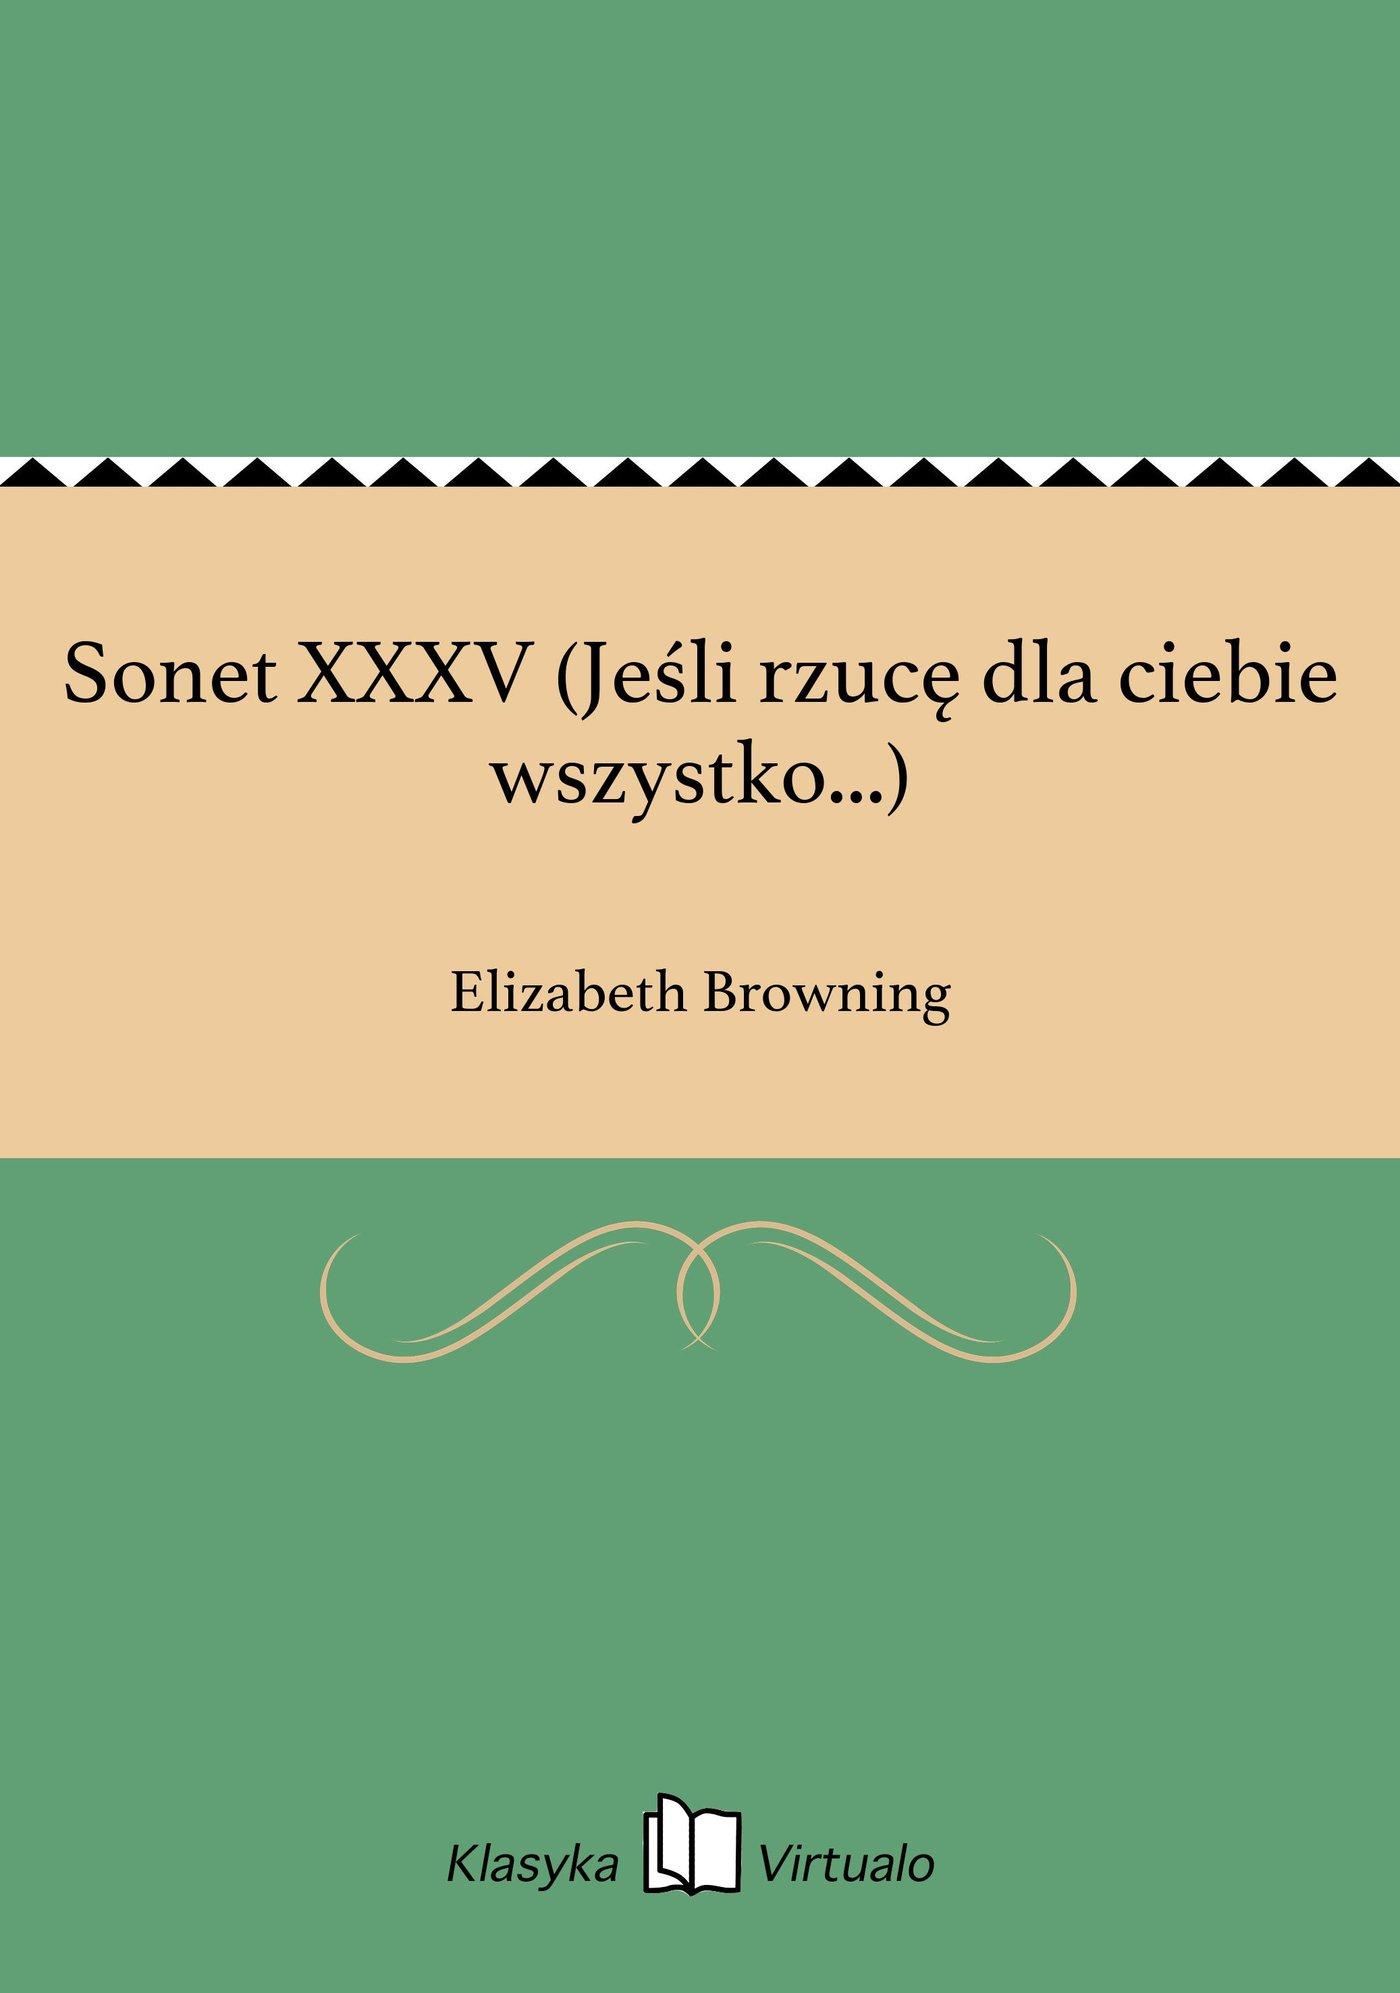 Sonet XXXV (Jeśli rzucę dla ciebie wszystko...) - Ebook (Książka EPUB) do pobrania w formacie EPUB